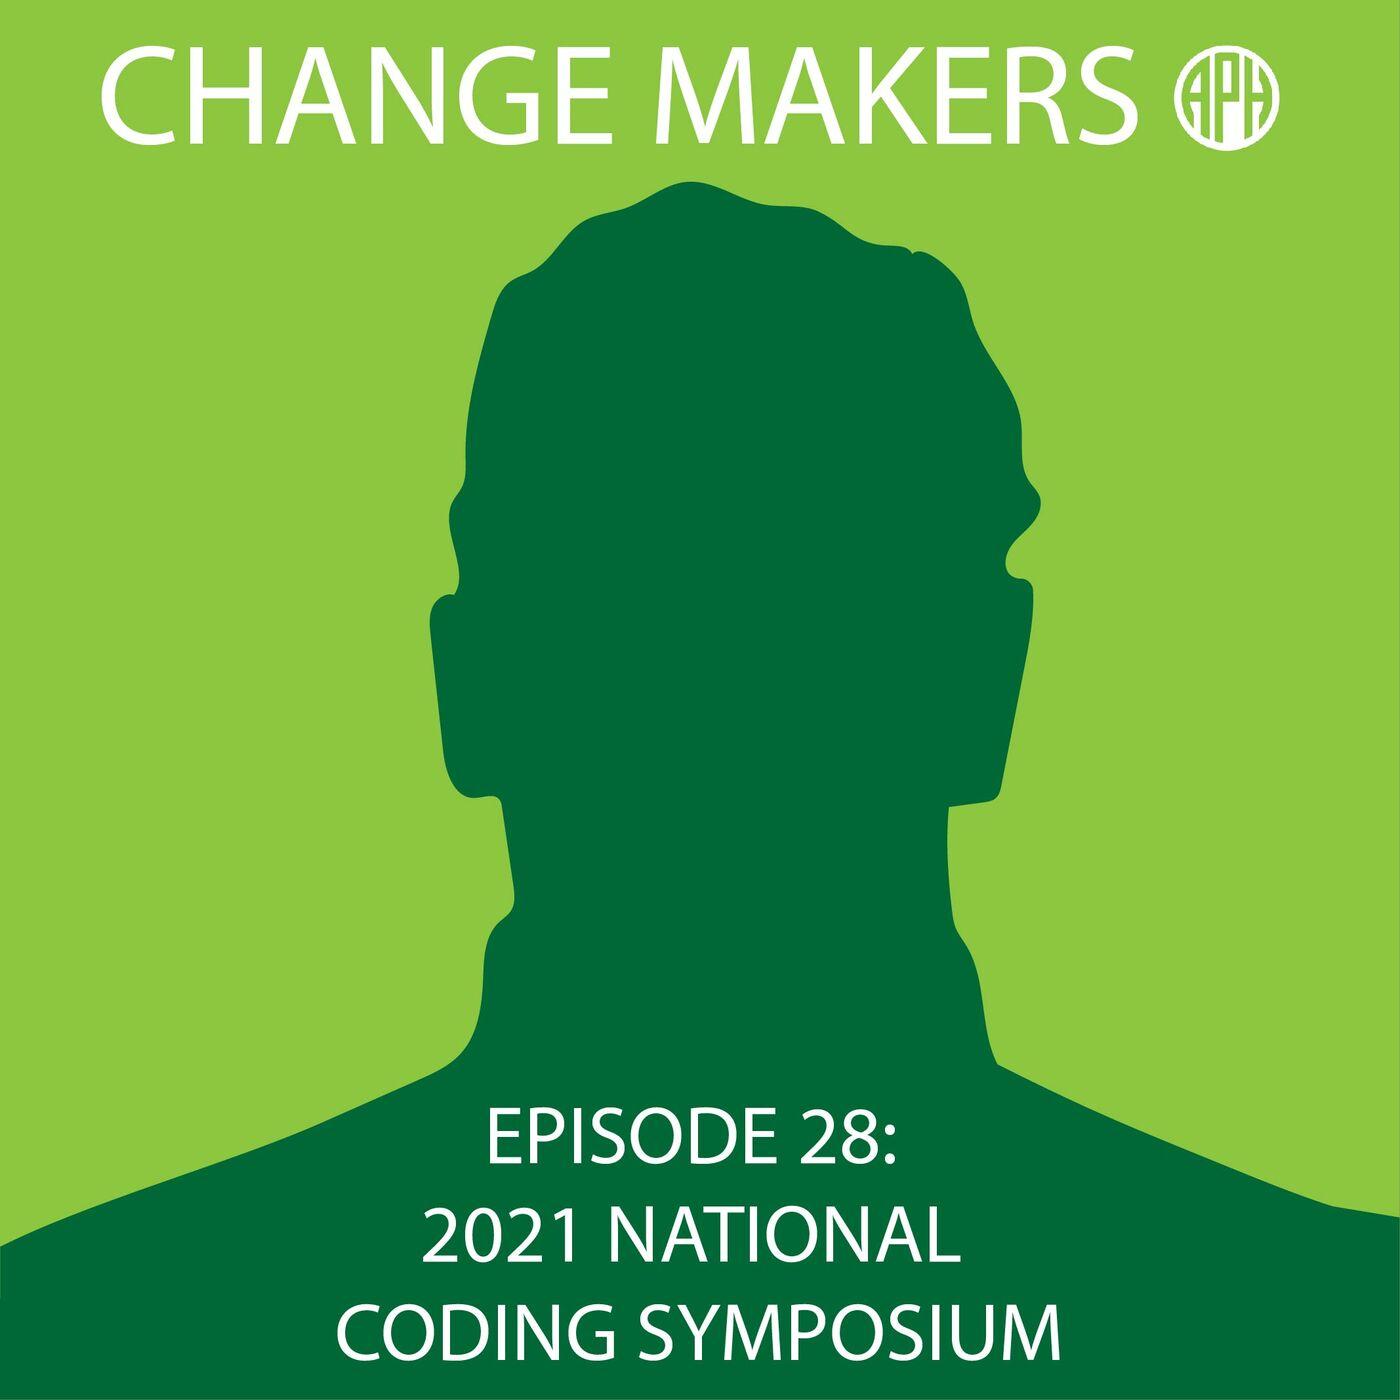 2021 National Coding Symposium